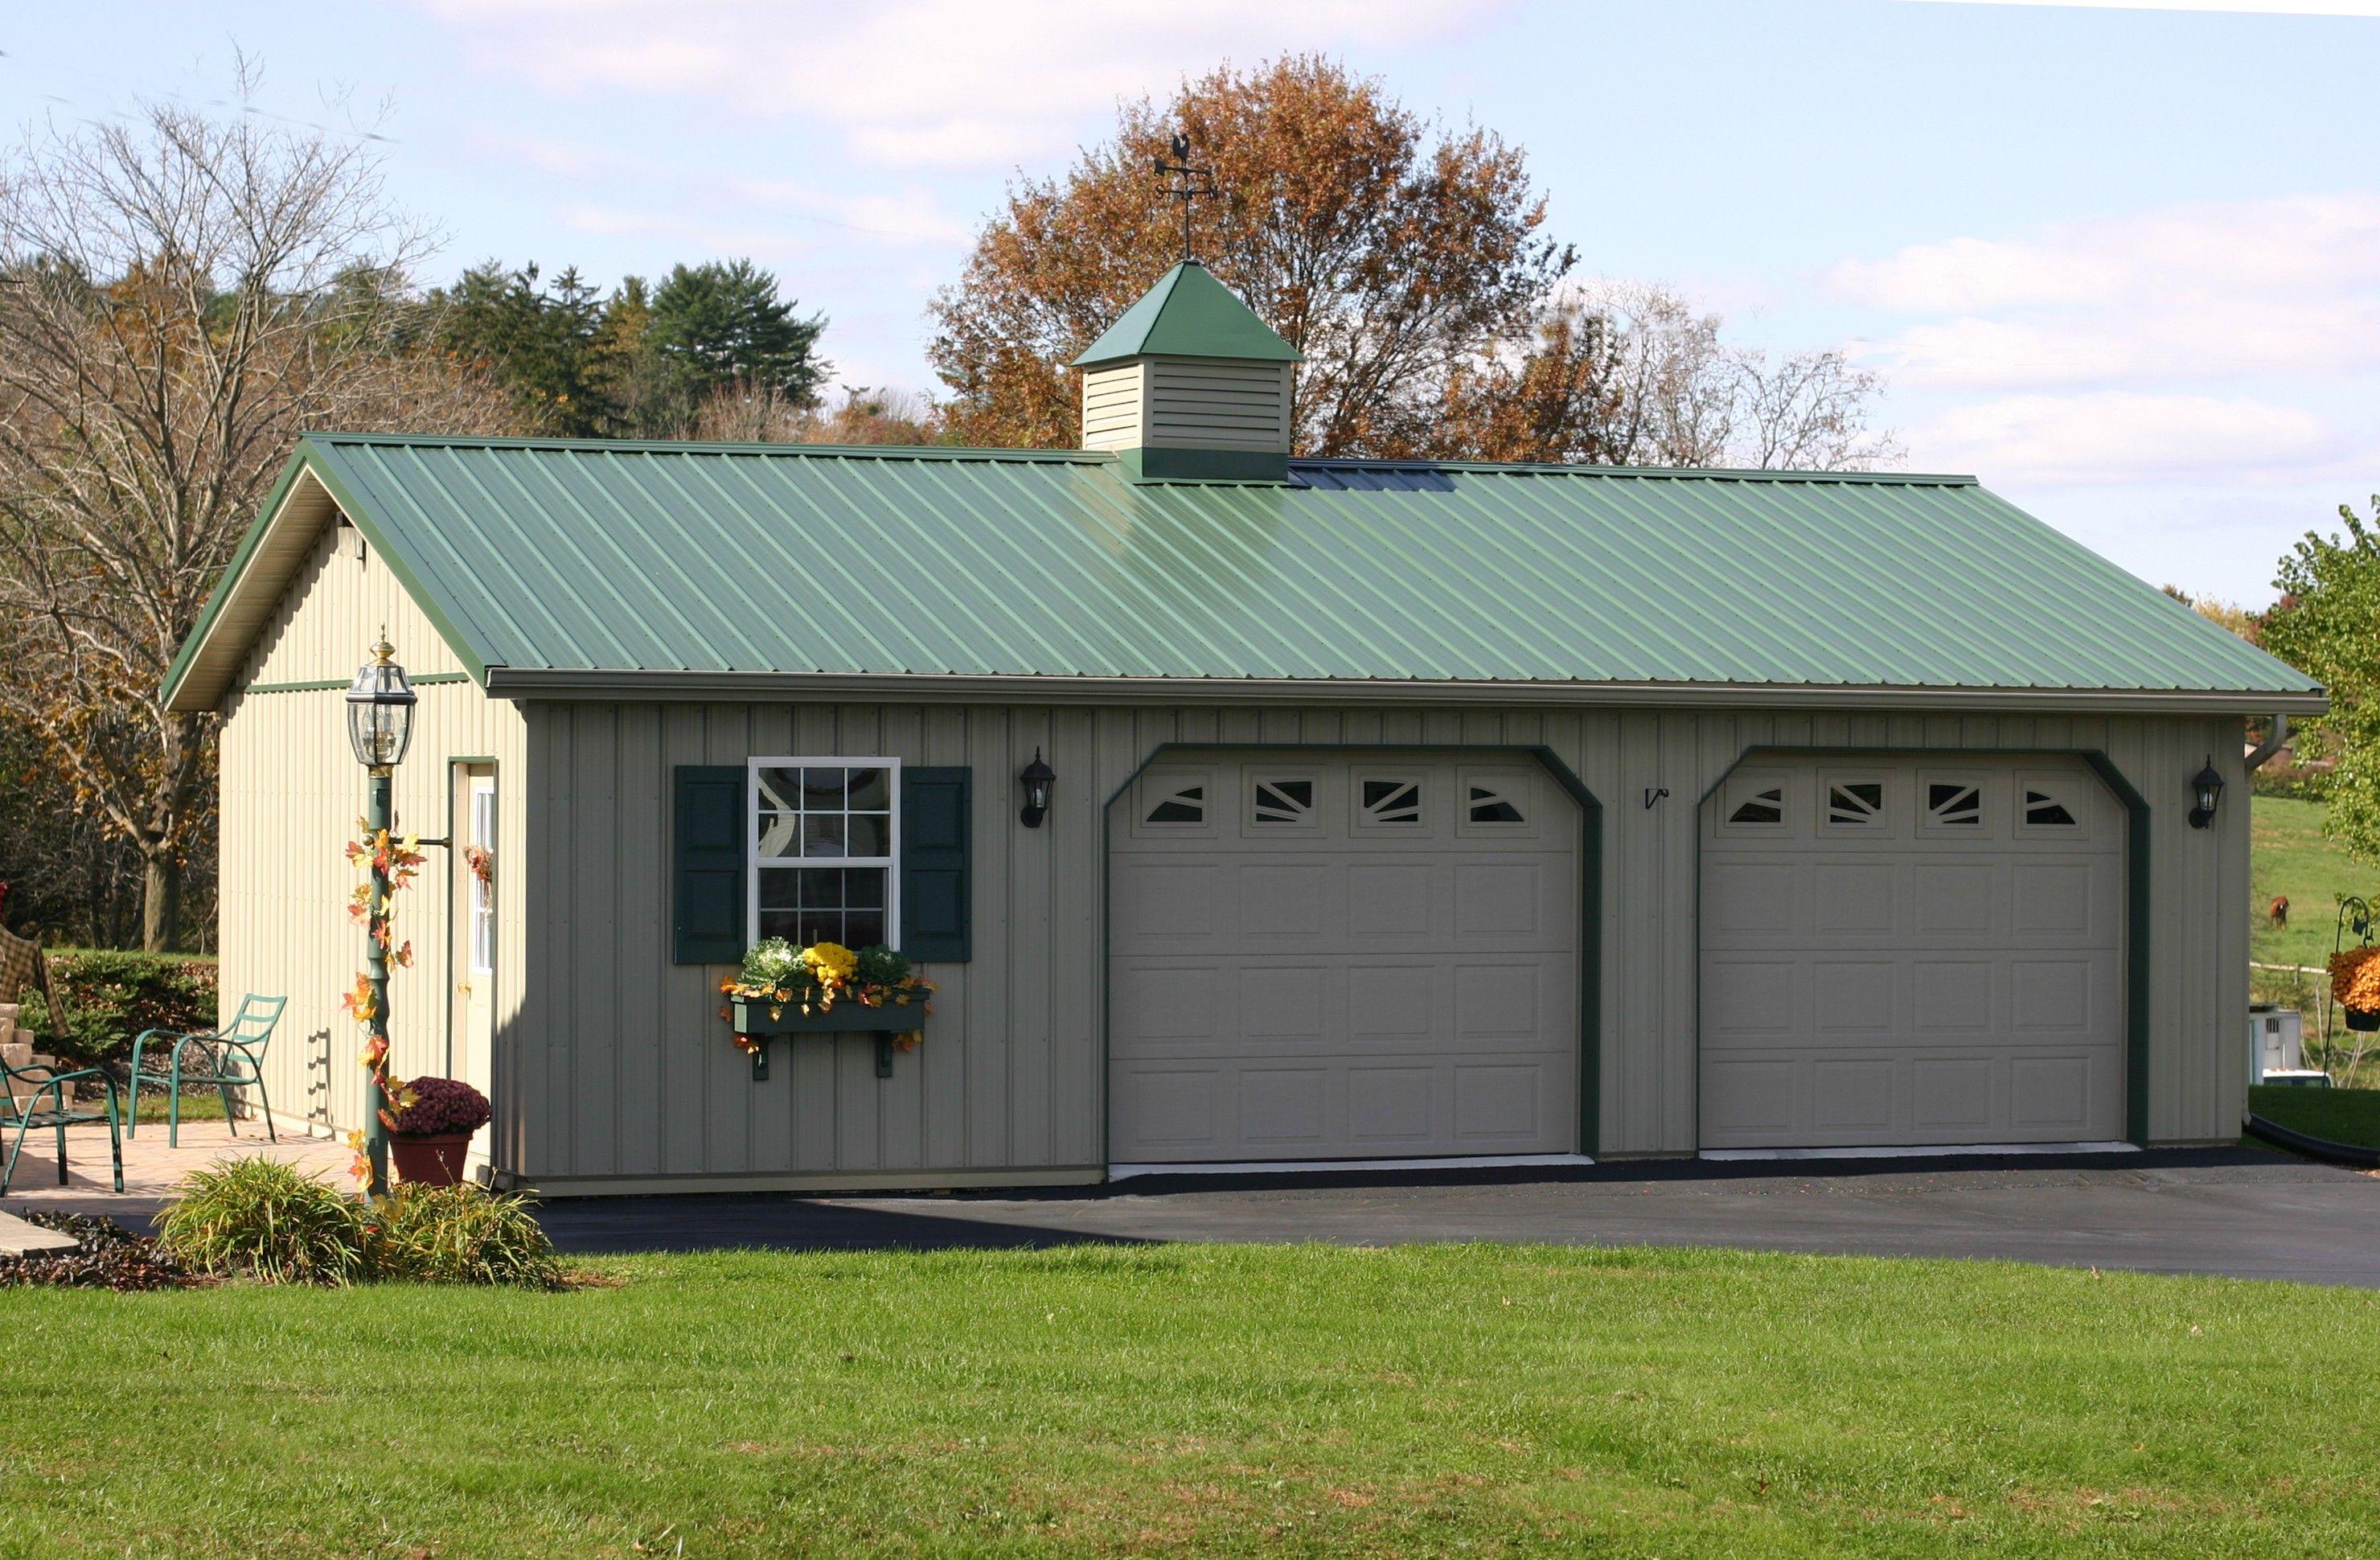 Pole Barns Pole Barn Barn House Design Pole Barn Homes Steel Buildings For Sale